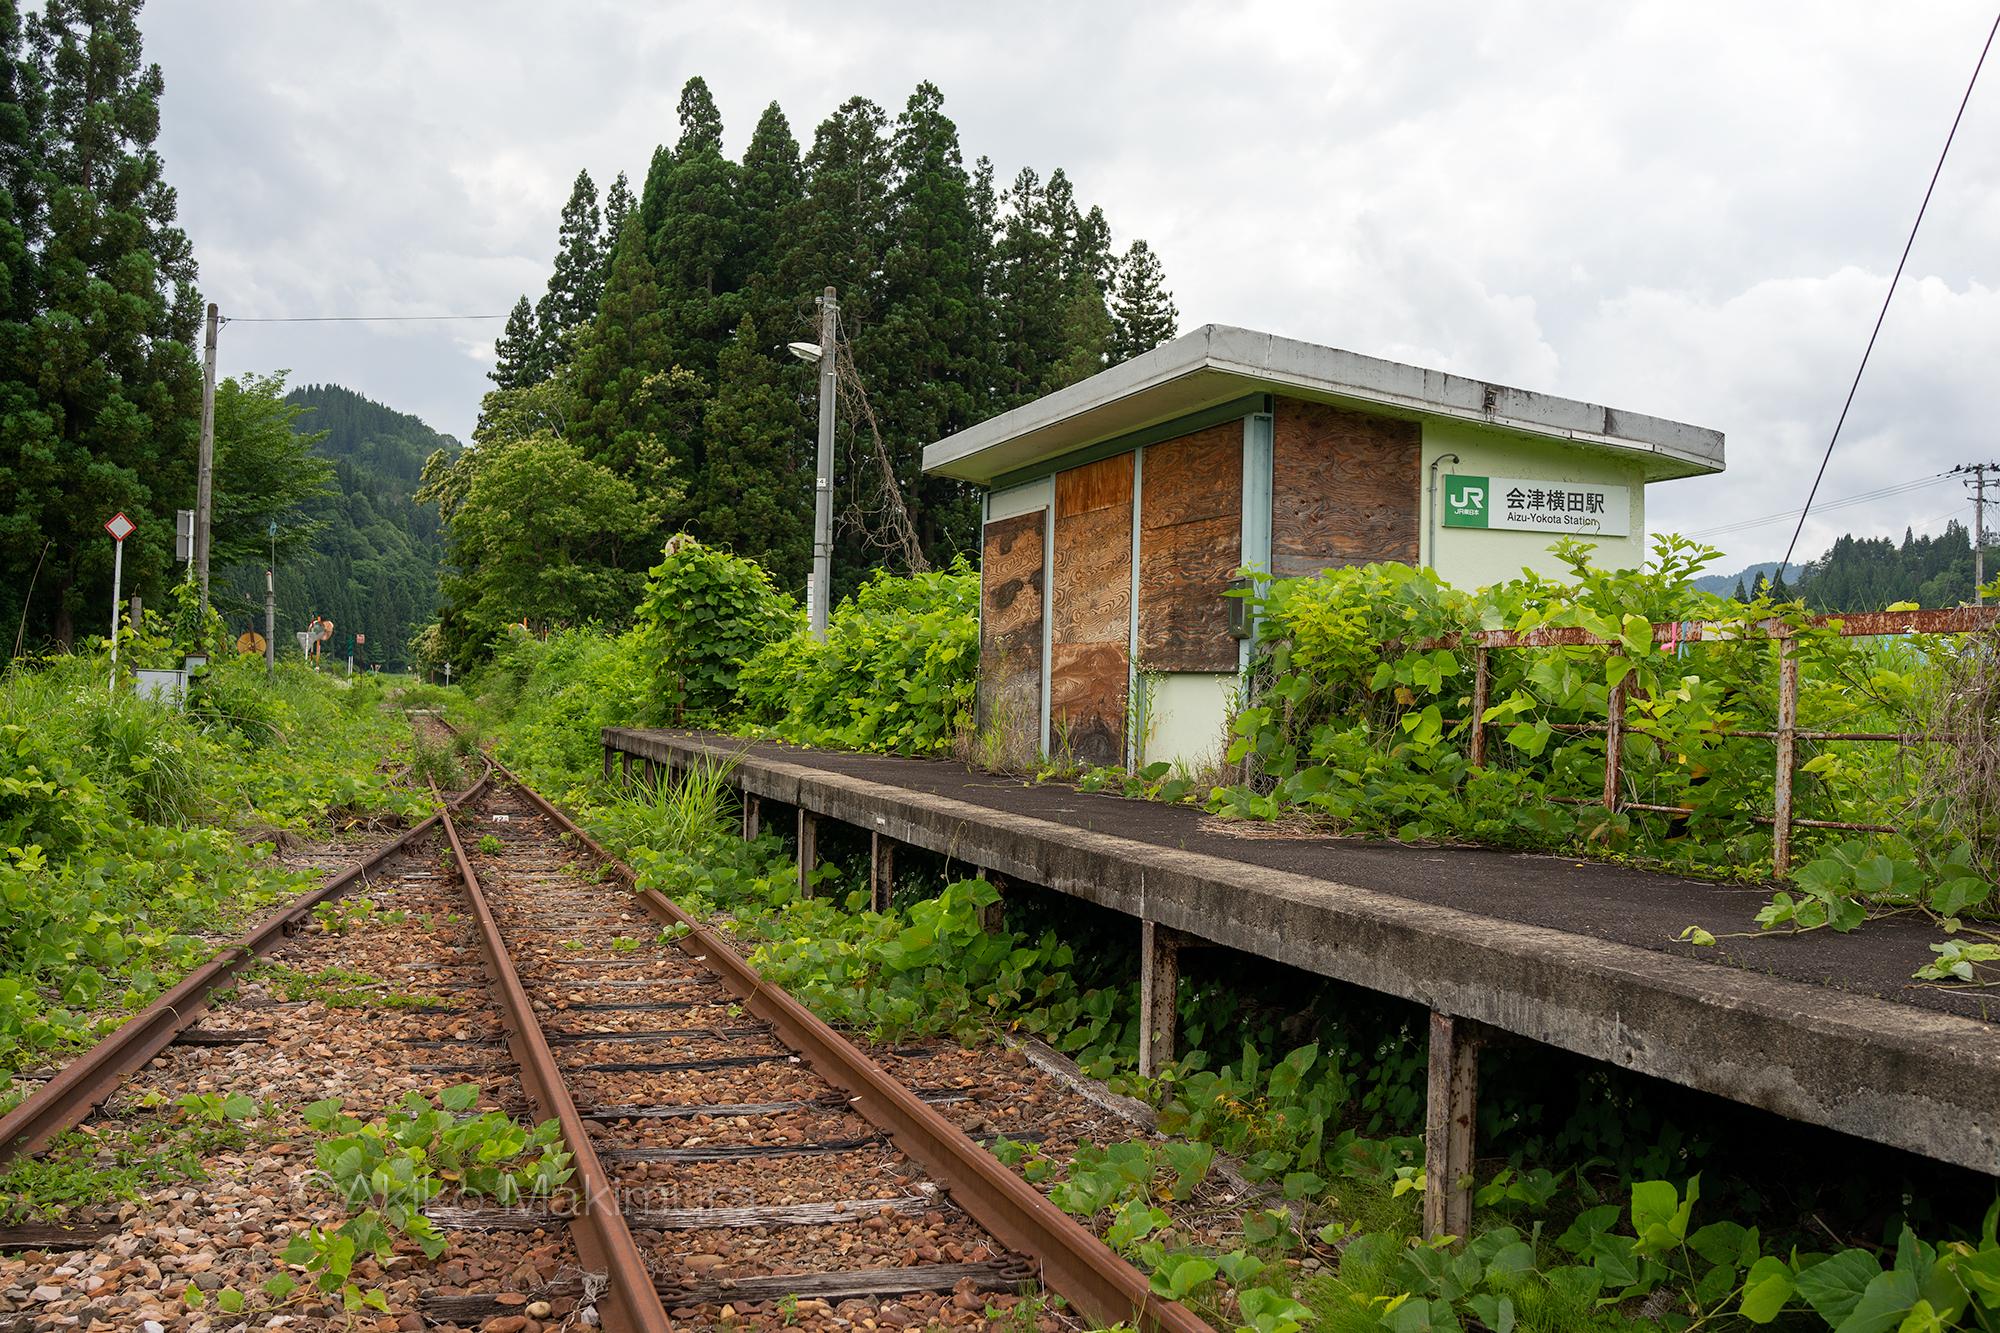 会津横田駅 JR只見線不通区間探訪記4 2020/6